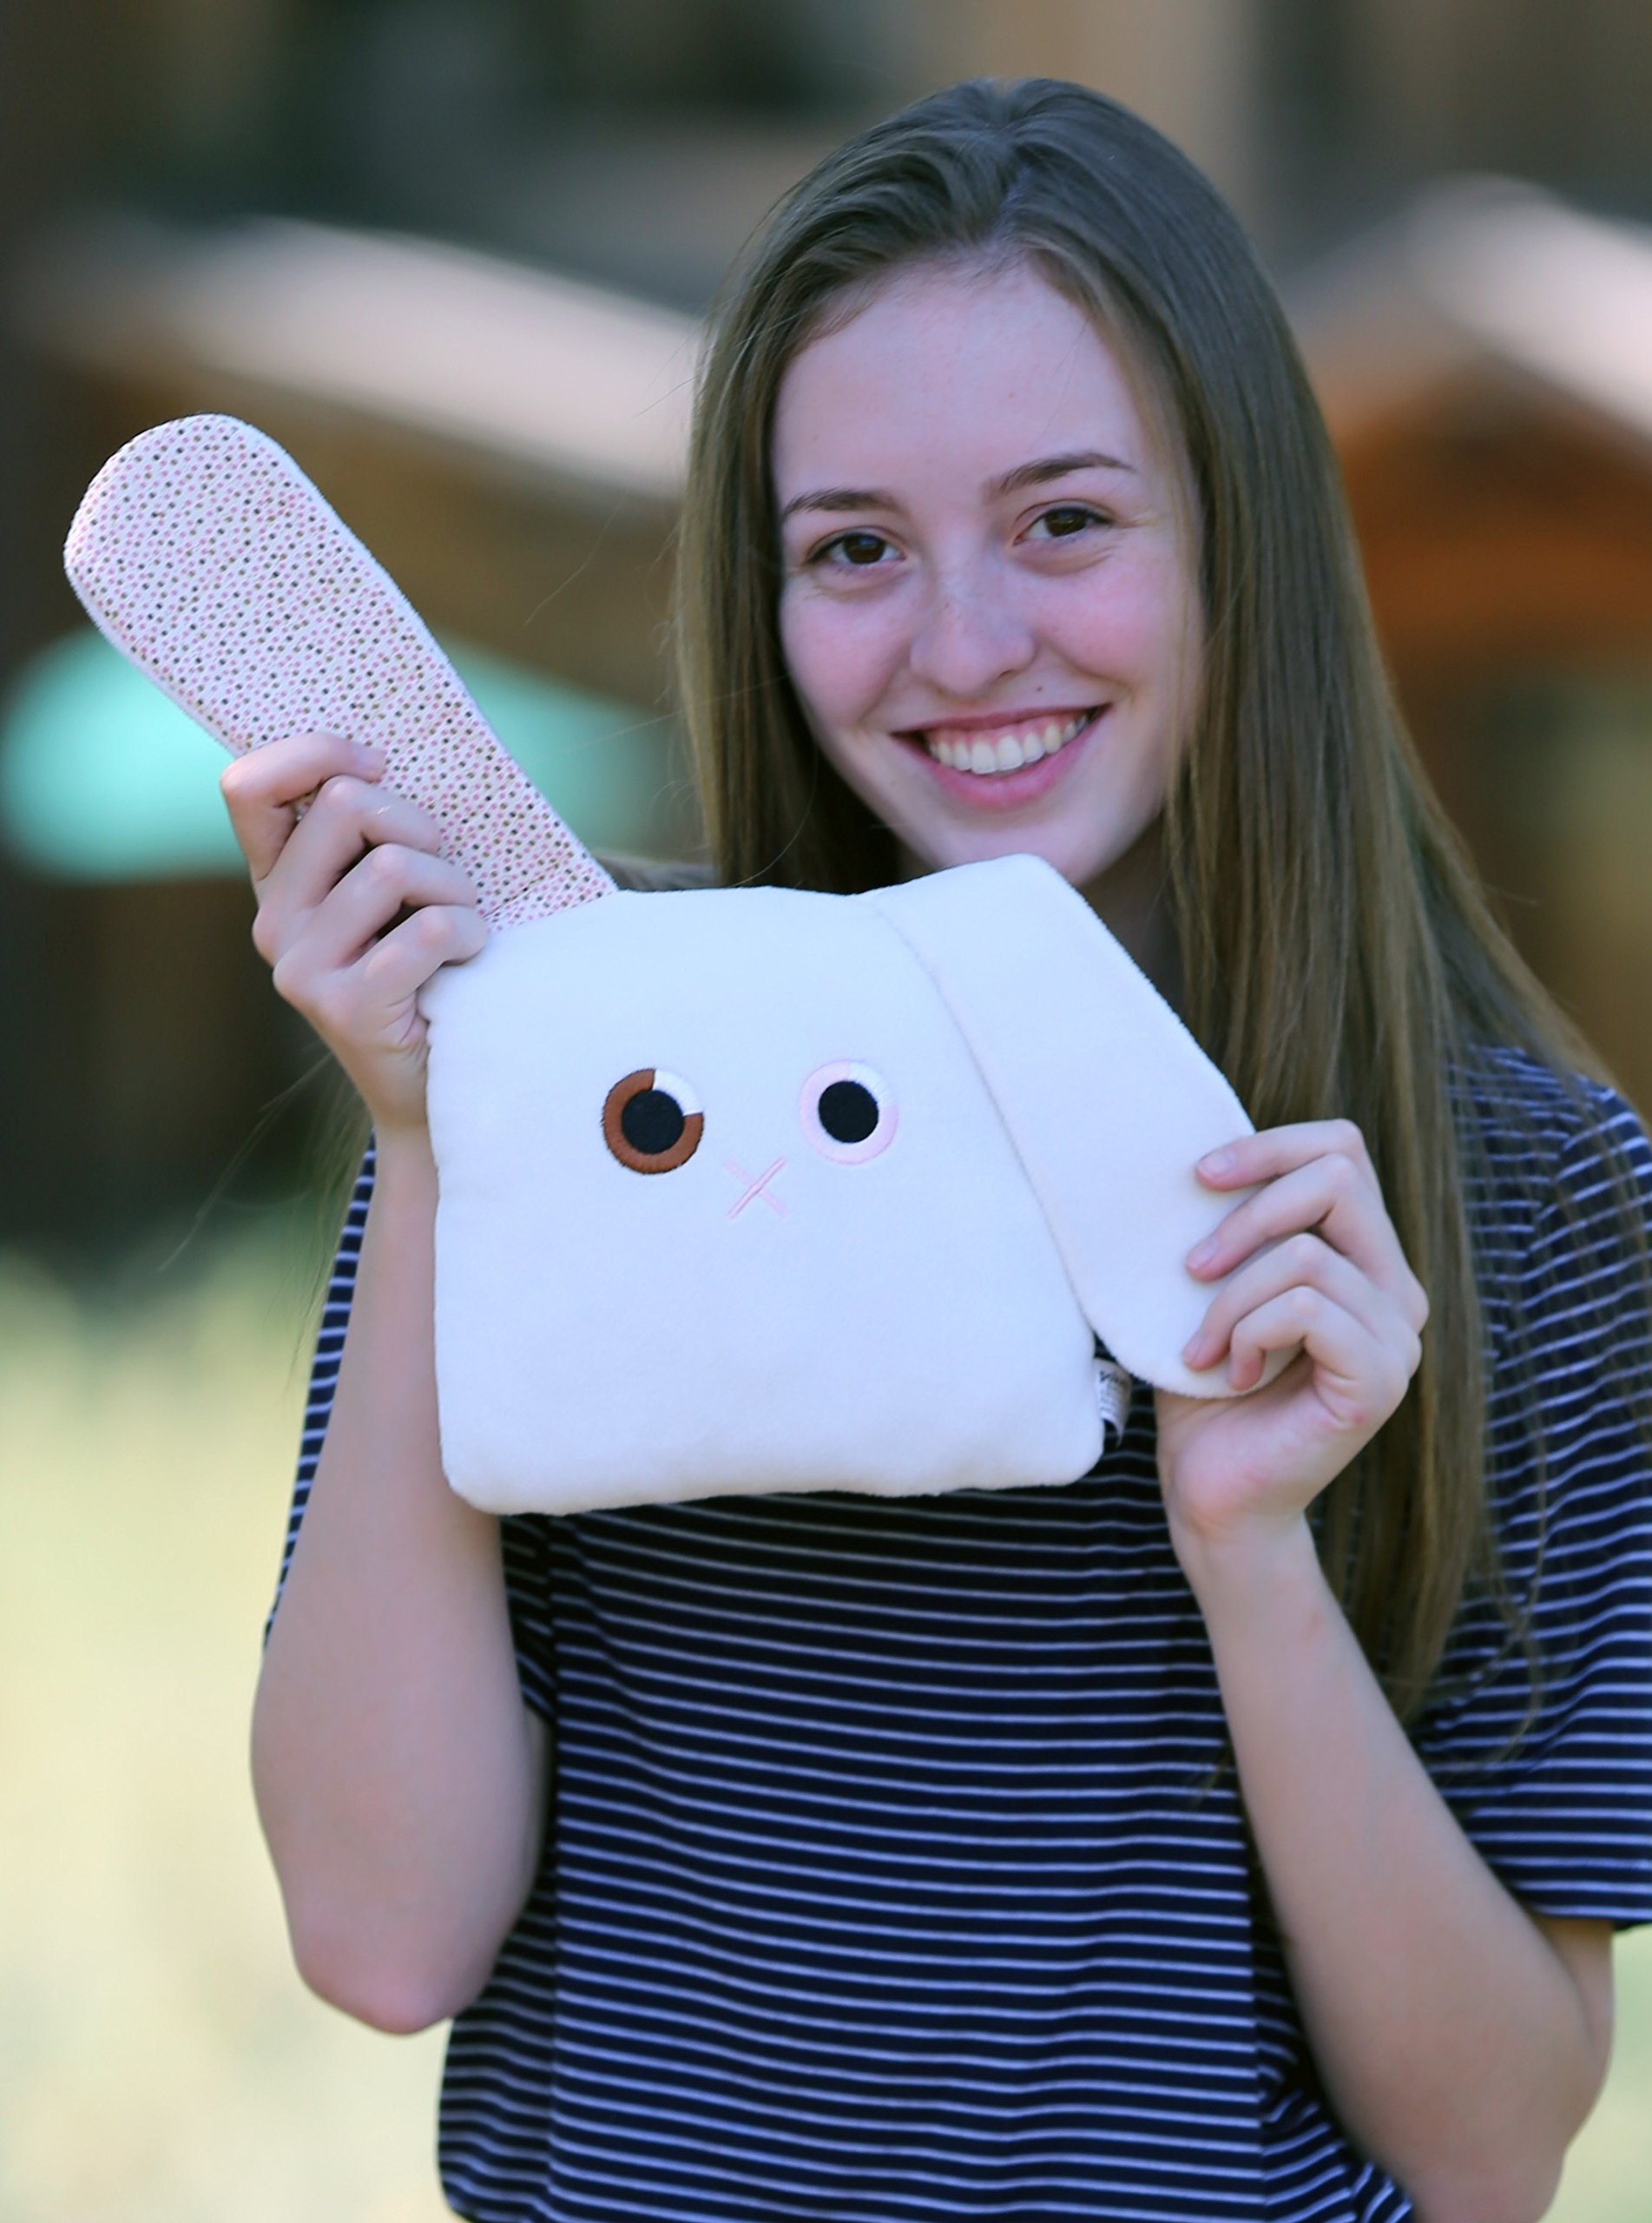 Poketti Plushies with a Pocket Plush Toy Rabbit Pillow Toni the Bunny